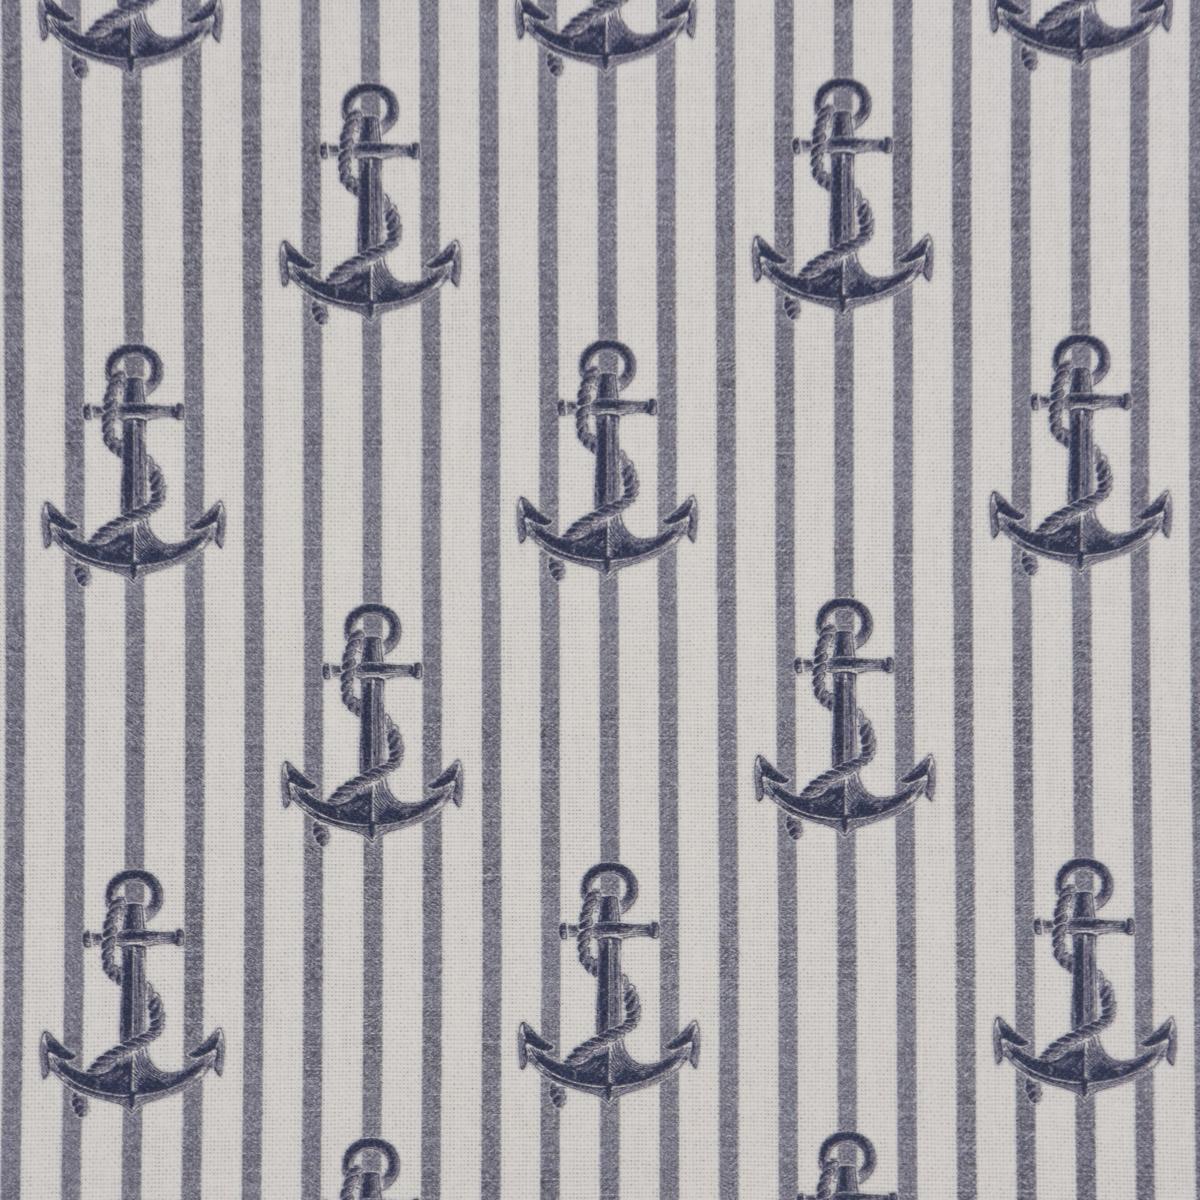 Dekostoff Halbpanama Baumwollstoff Digitaldruck Maritim Anker Streifen weiß blau 1,40m Breite